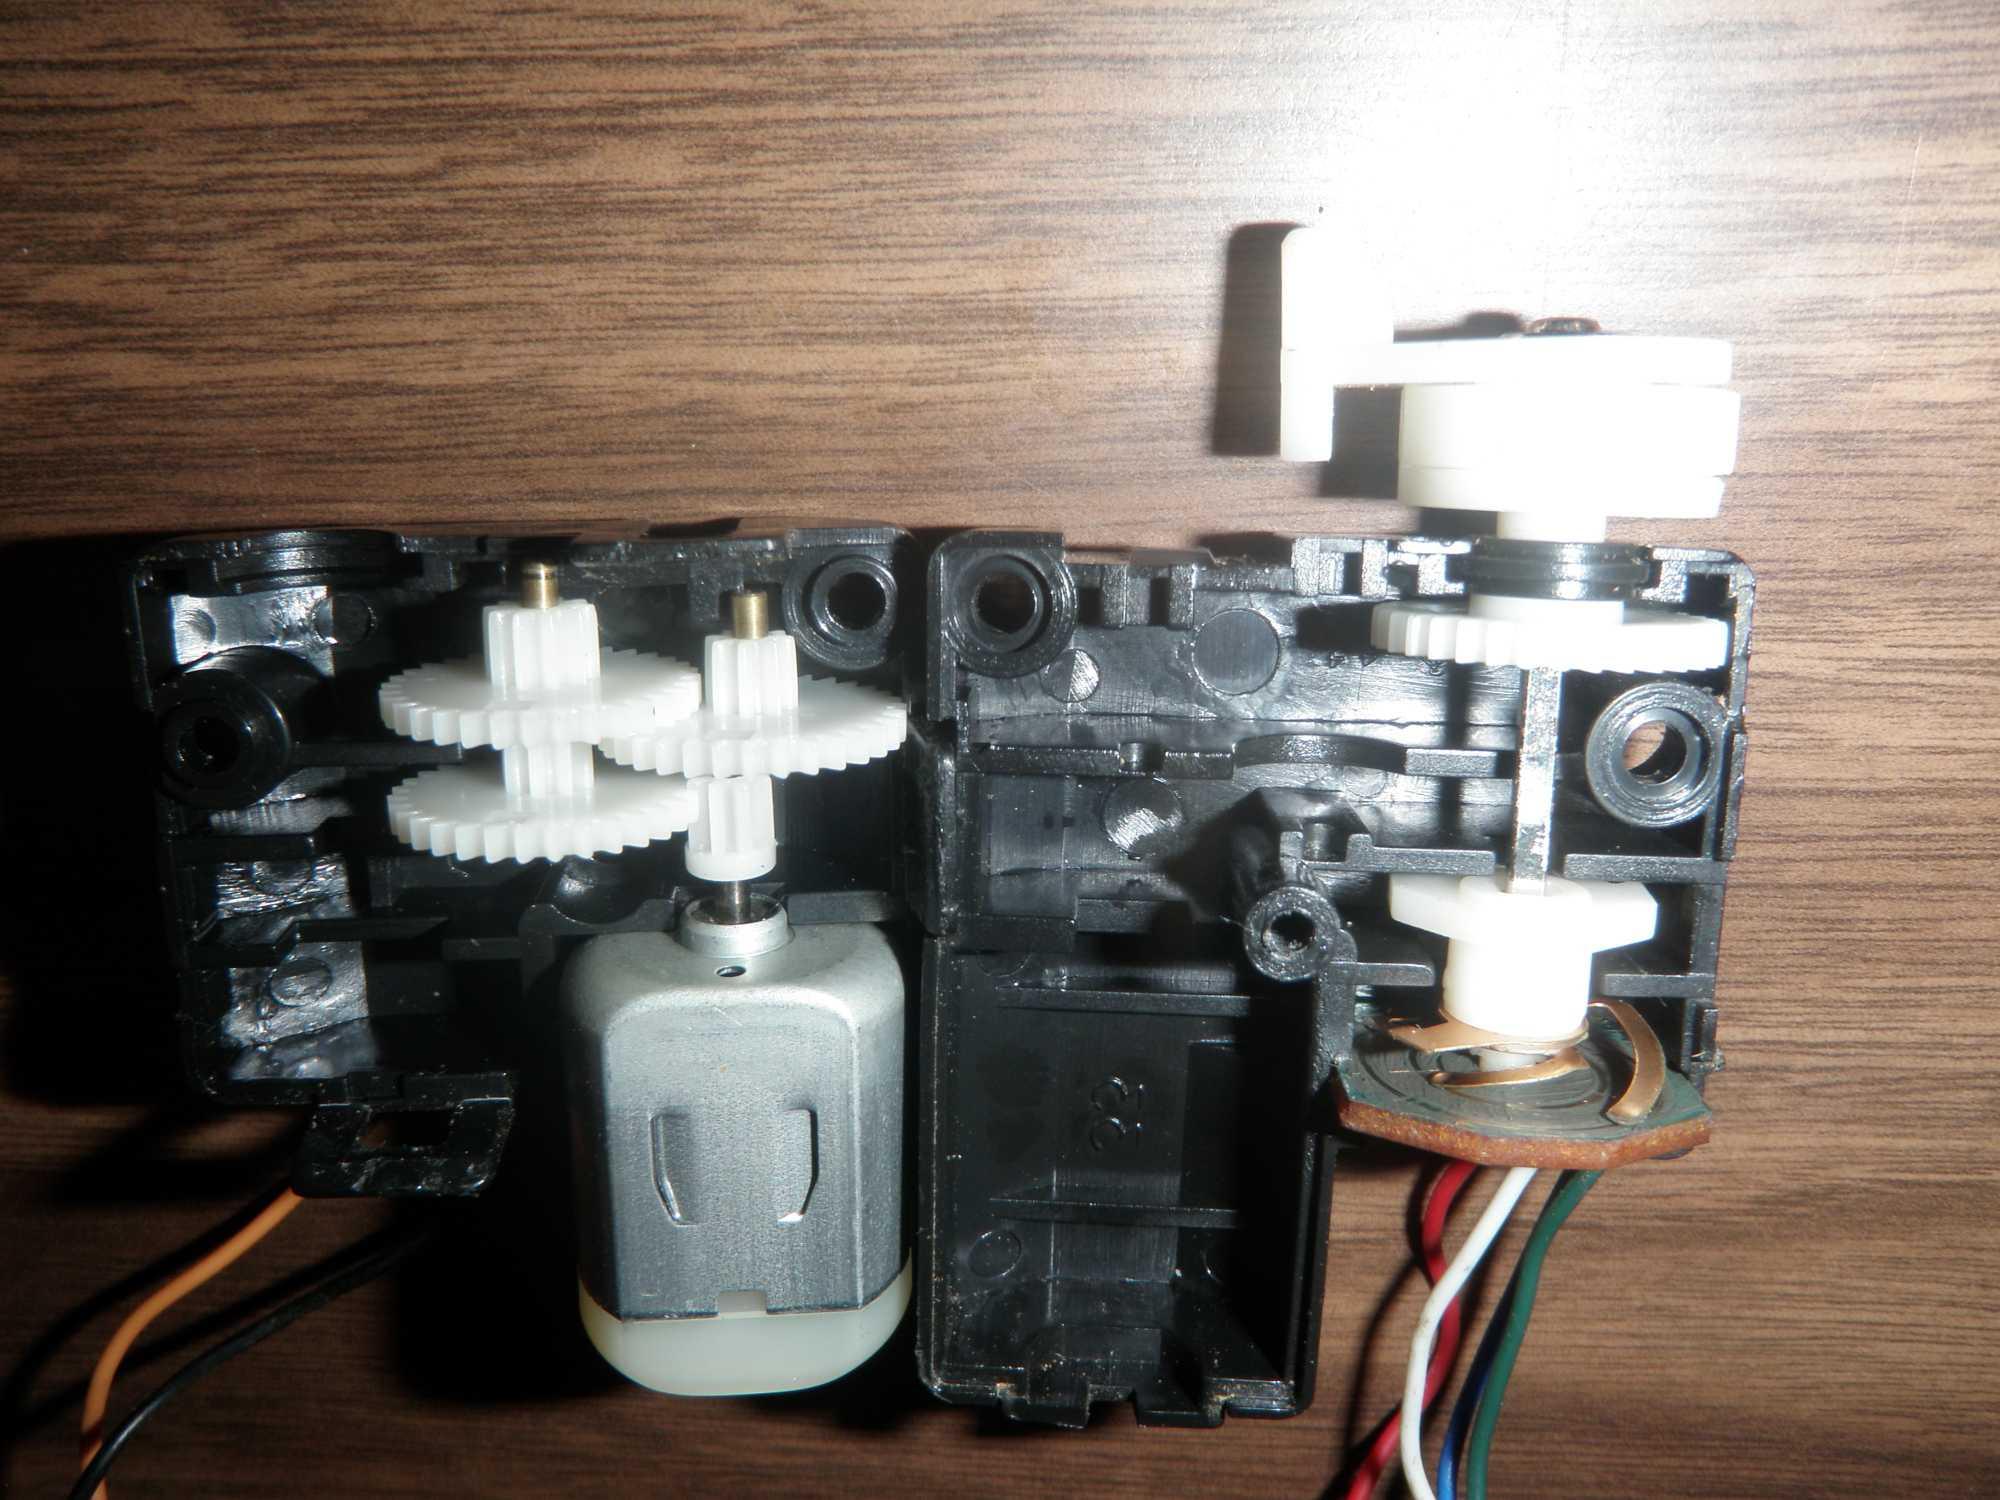 Ein einfacher Servo-Motor besteht aus einem Gleichstrommotor (links unten), einem Zahnradgetriebe (rechts oben) und einem Poti (rechts unten). Die Kontrolllogik ist auf dem Bild nicht abgebildet.